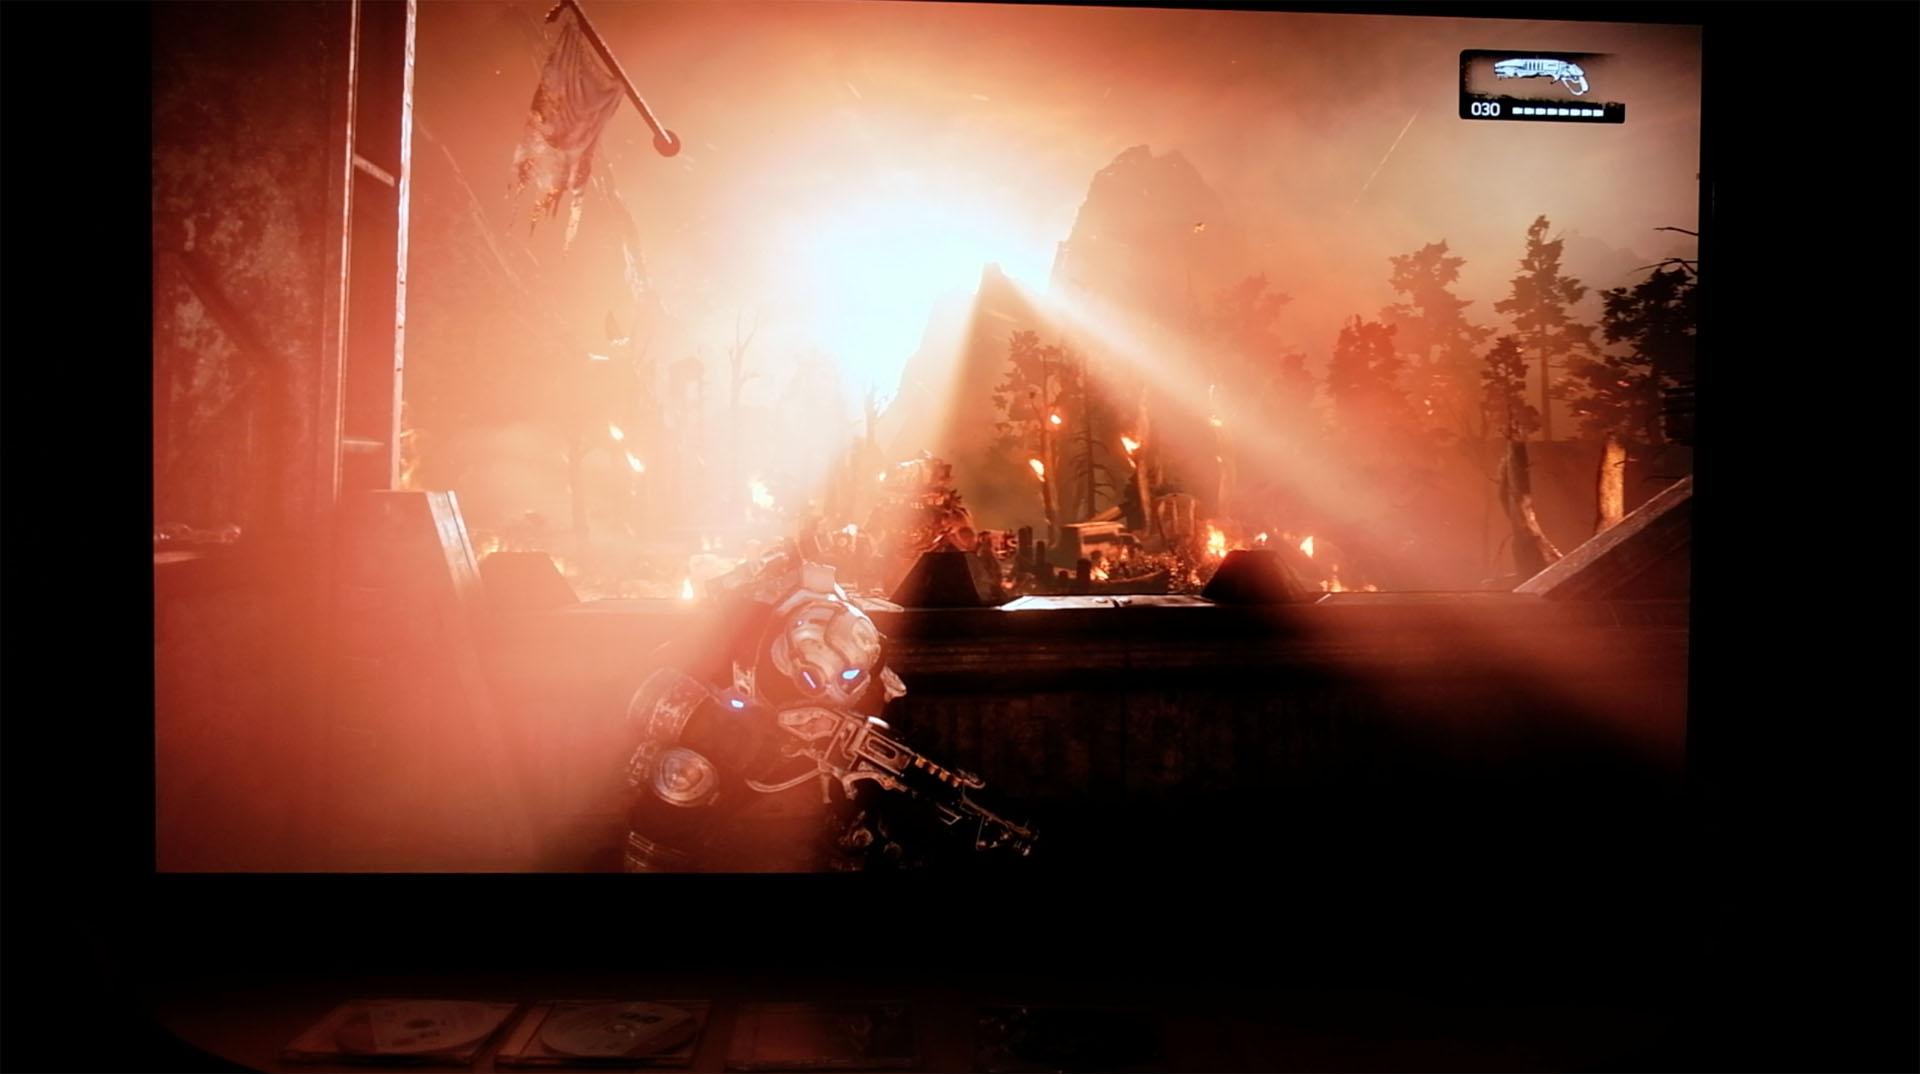 Spielen mit HDR ausprobiert: In den Farbtopf gefallen - Gears of War 4 (HDR)